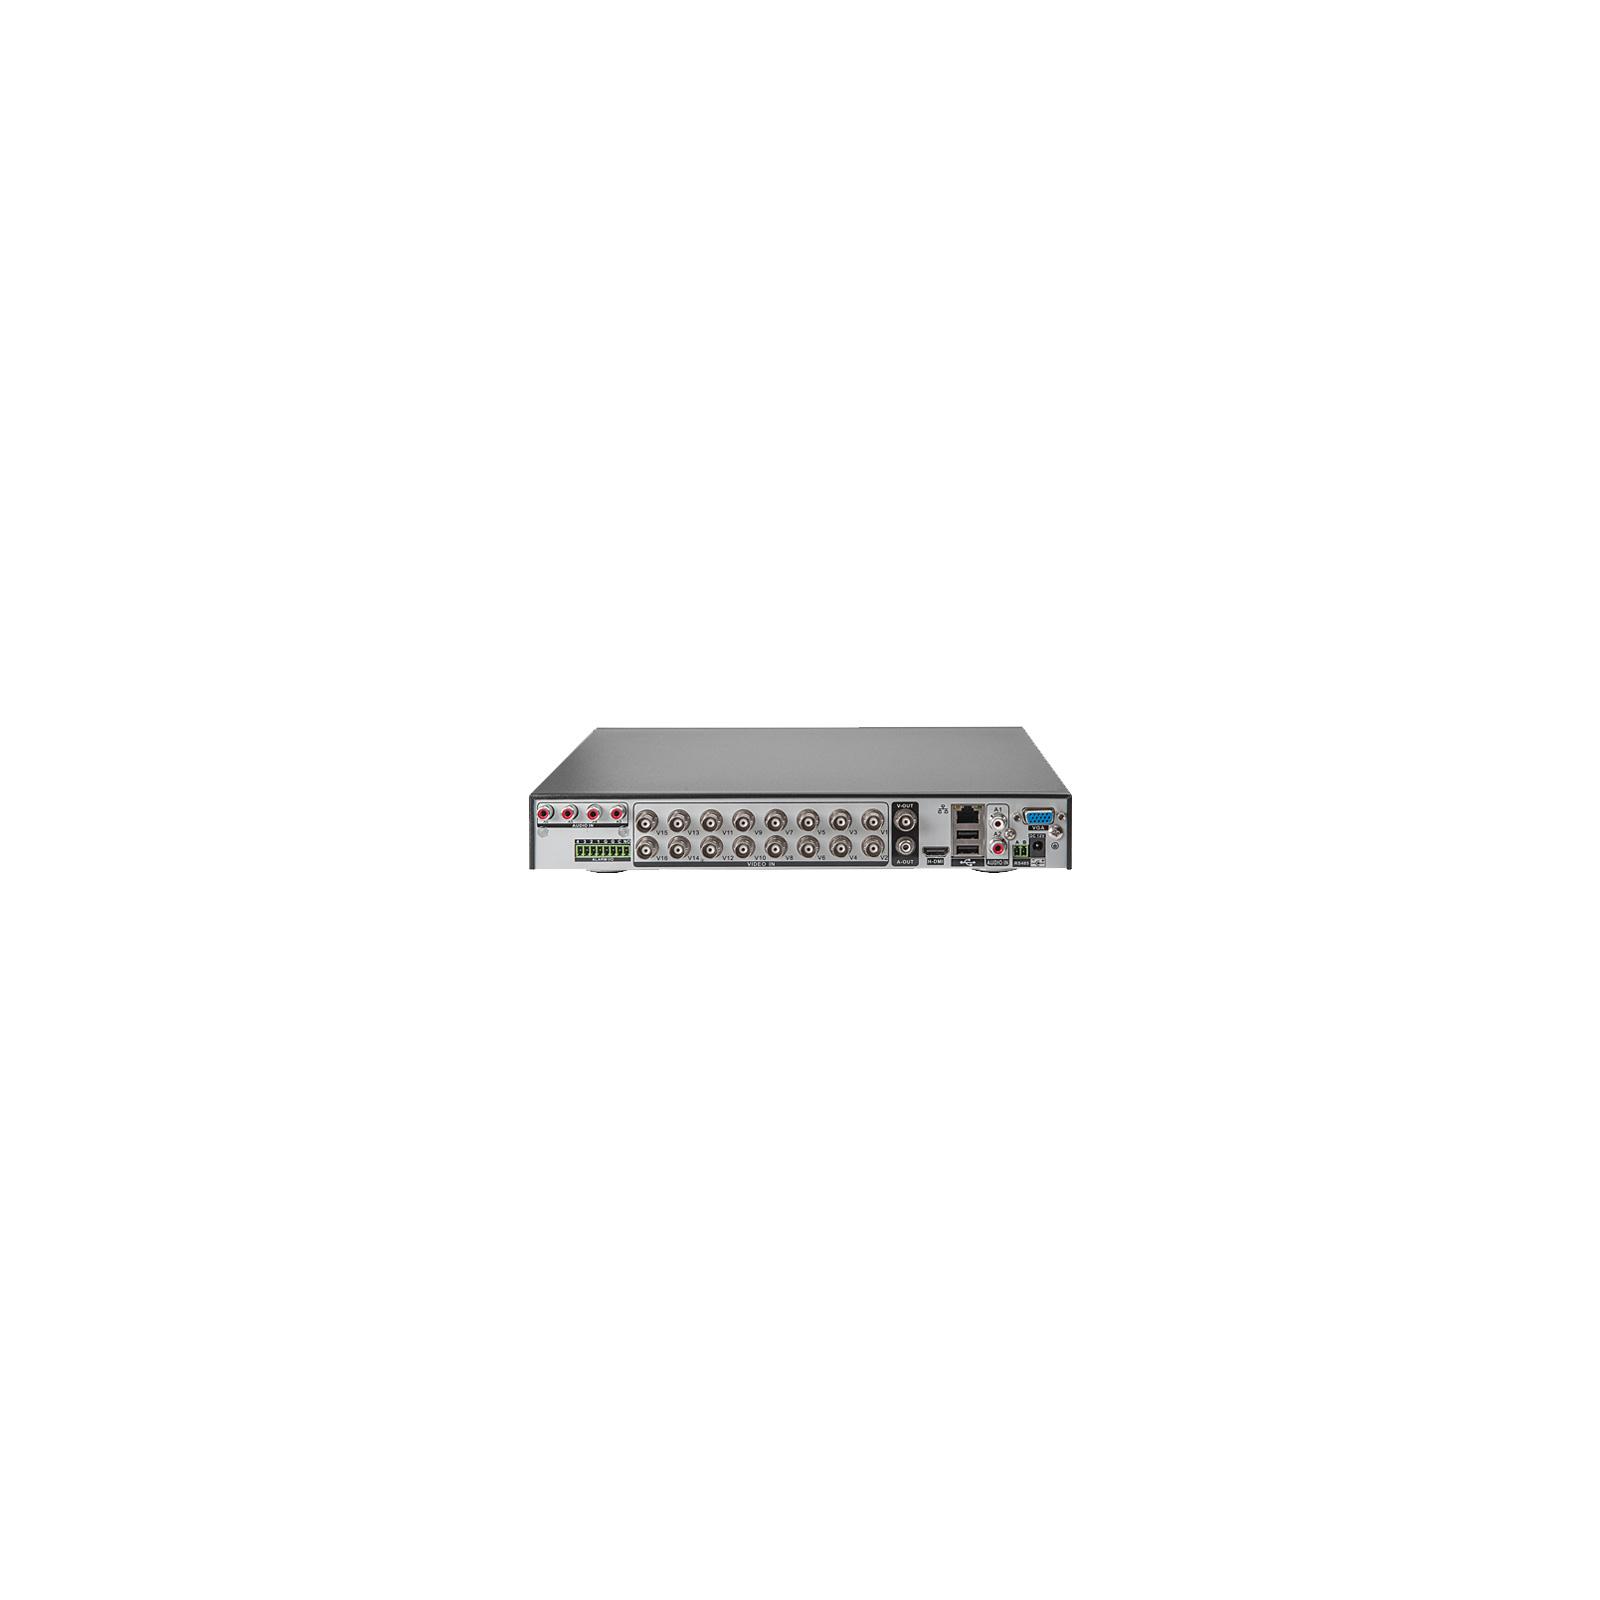 Регистратор для видеонаблюдения Tecsar M166-2D2P-H изображение 2